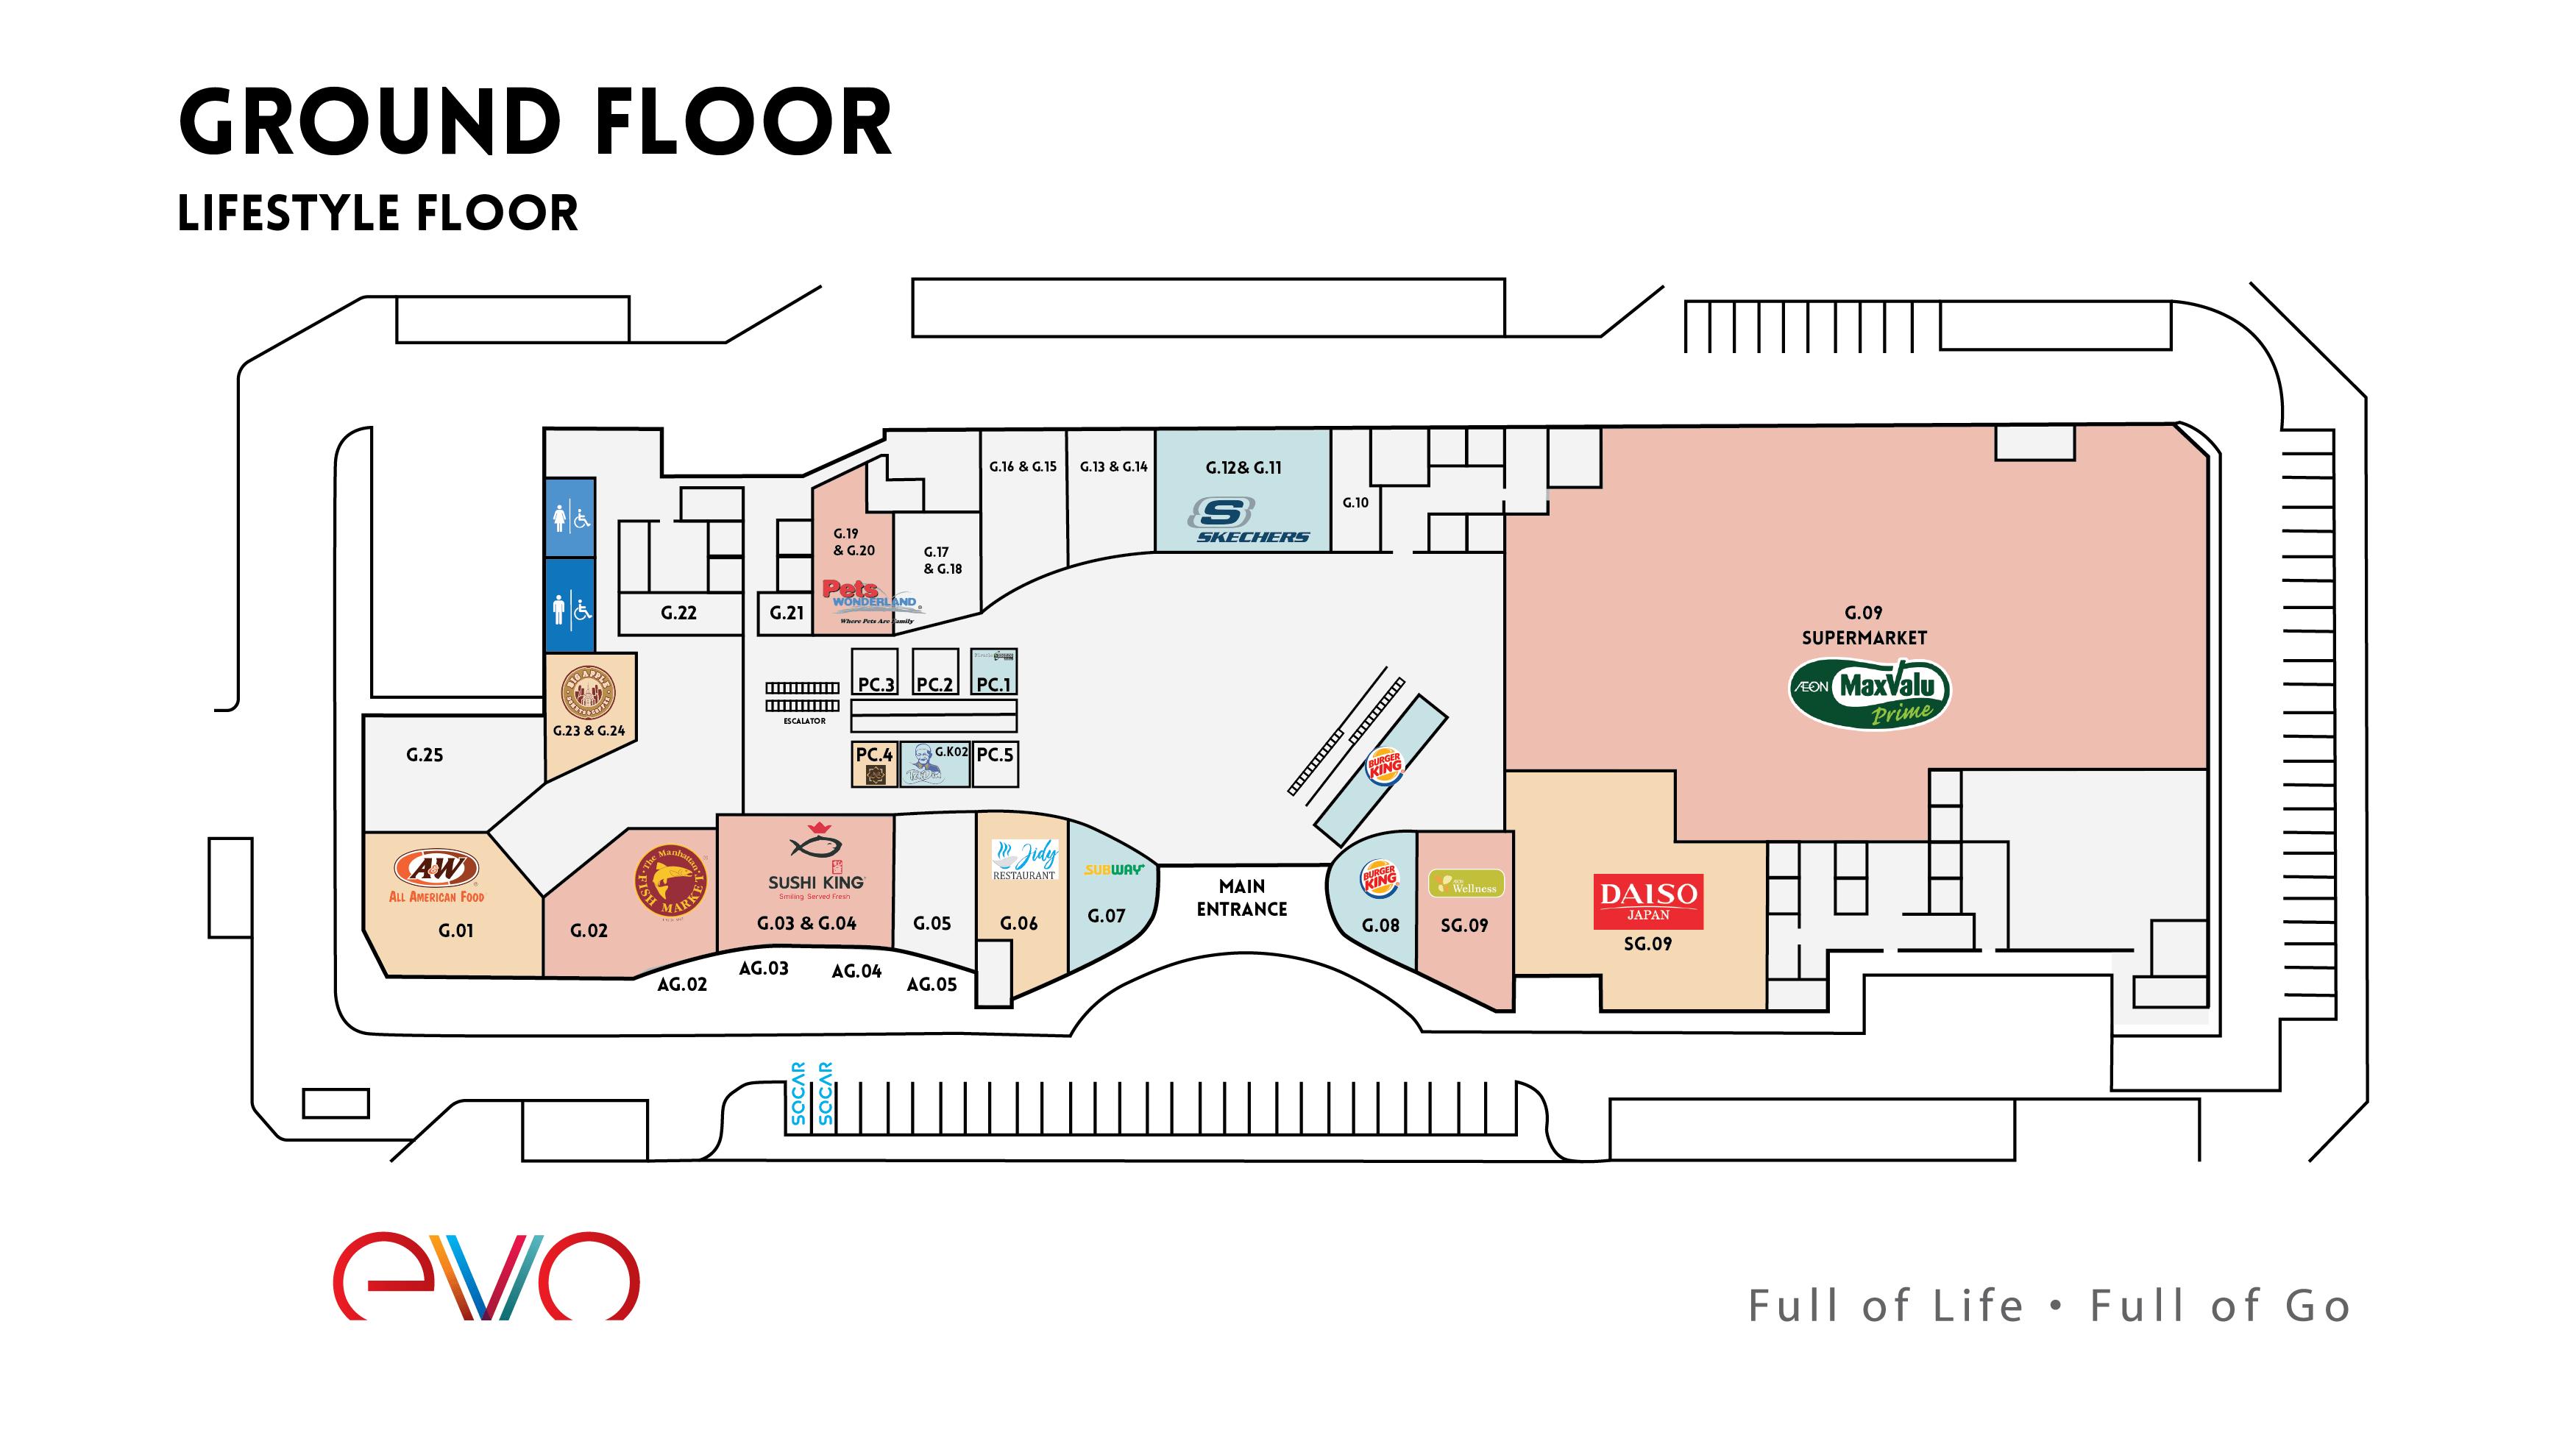 Evo_Mall_Floor_Map_v2_Ground Floor